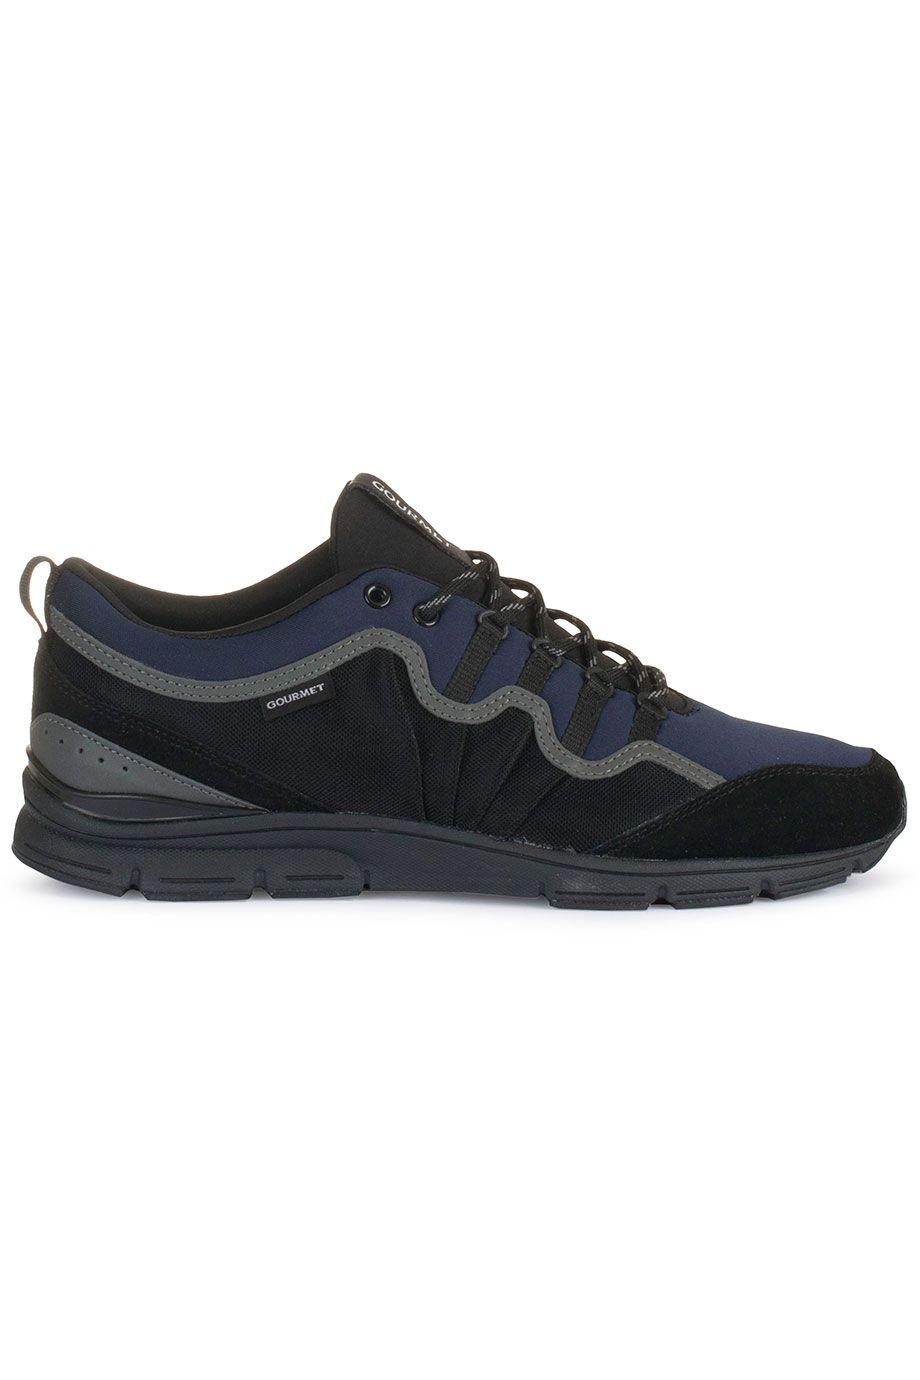 Trendy Gourmet NETTO (zwart) Heren sneakers van het merk gourmet . Uitgevoerd in zwart.